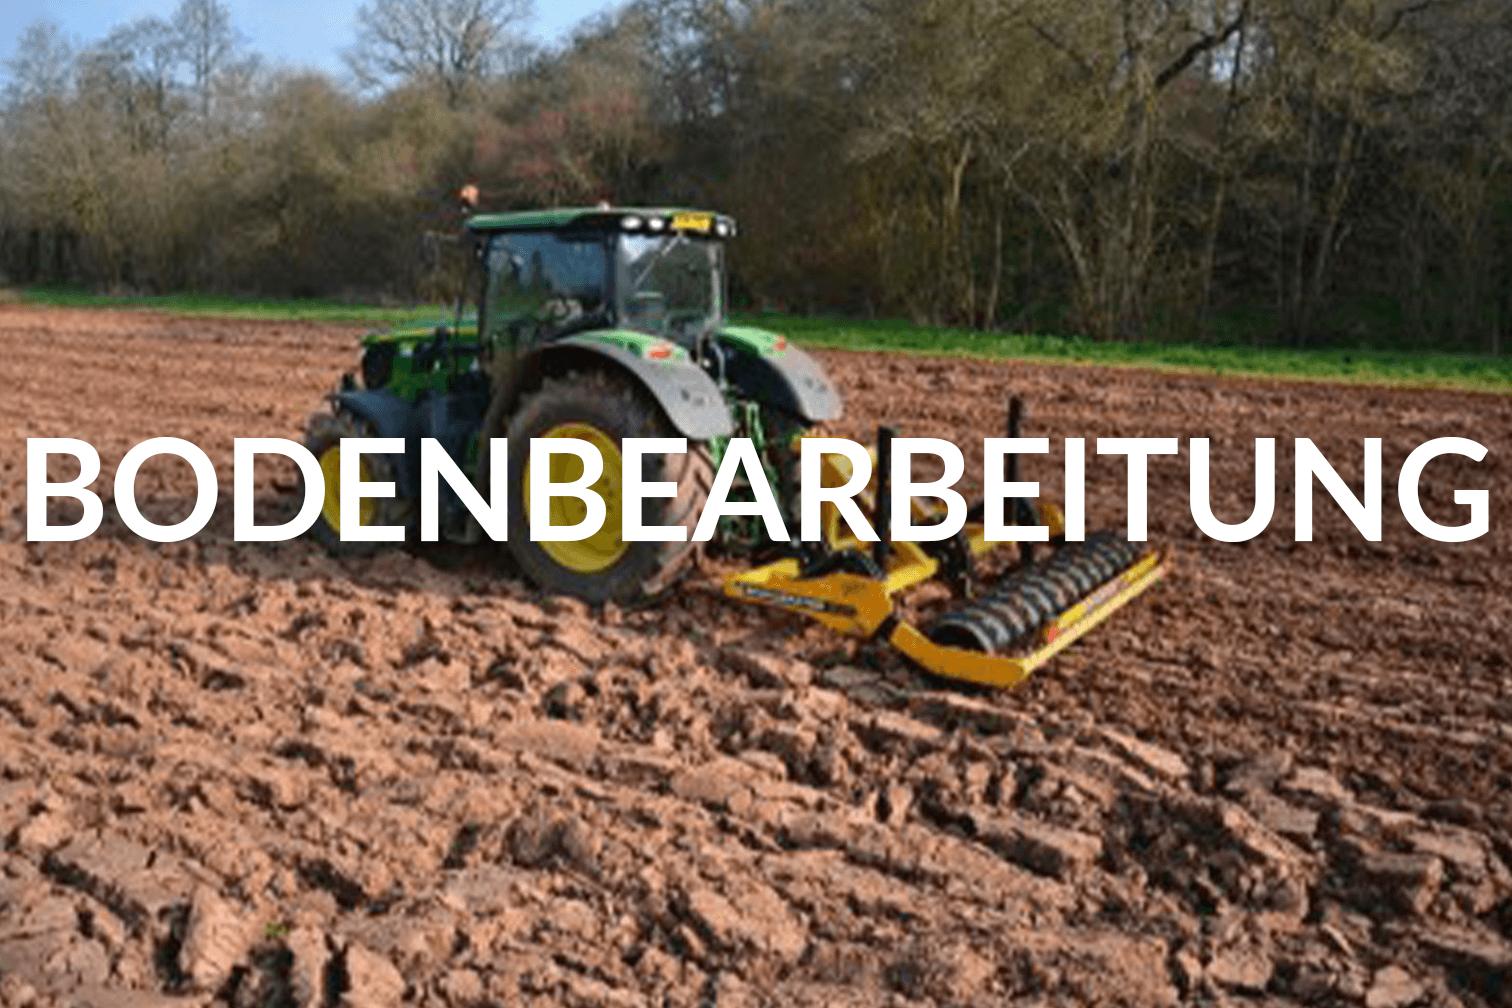 Bodenbearbeitung_